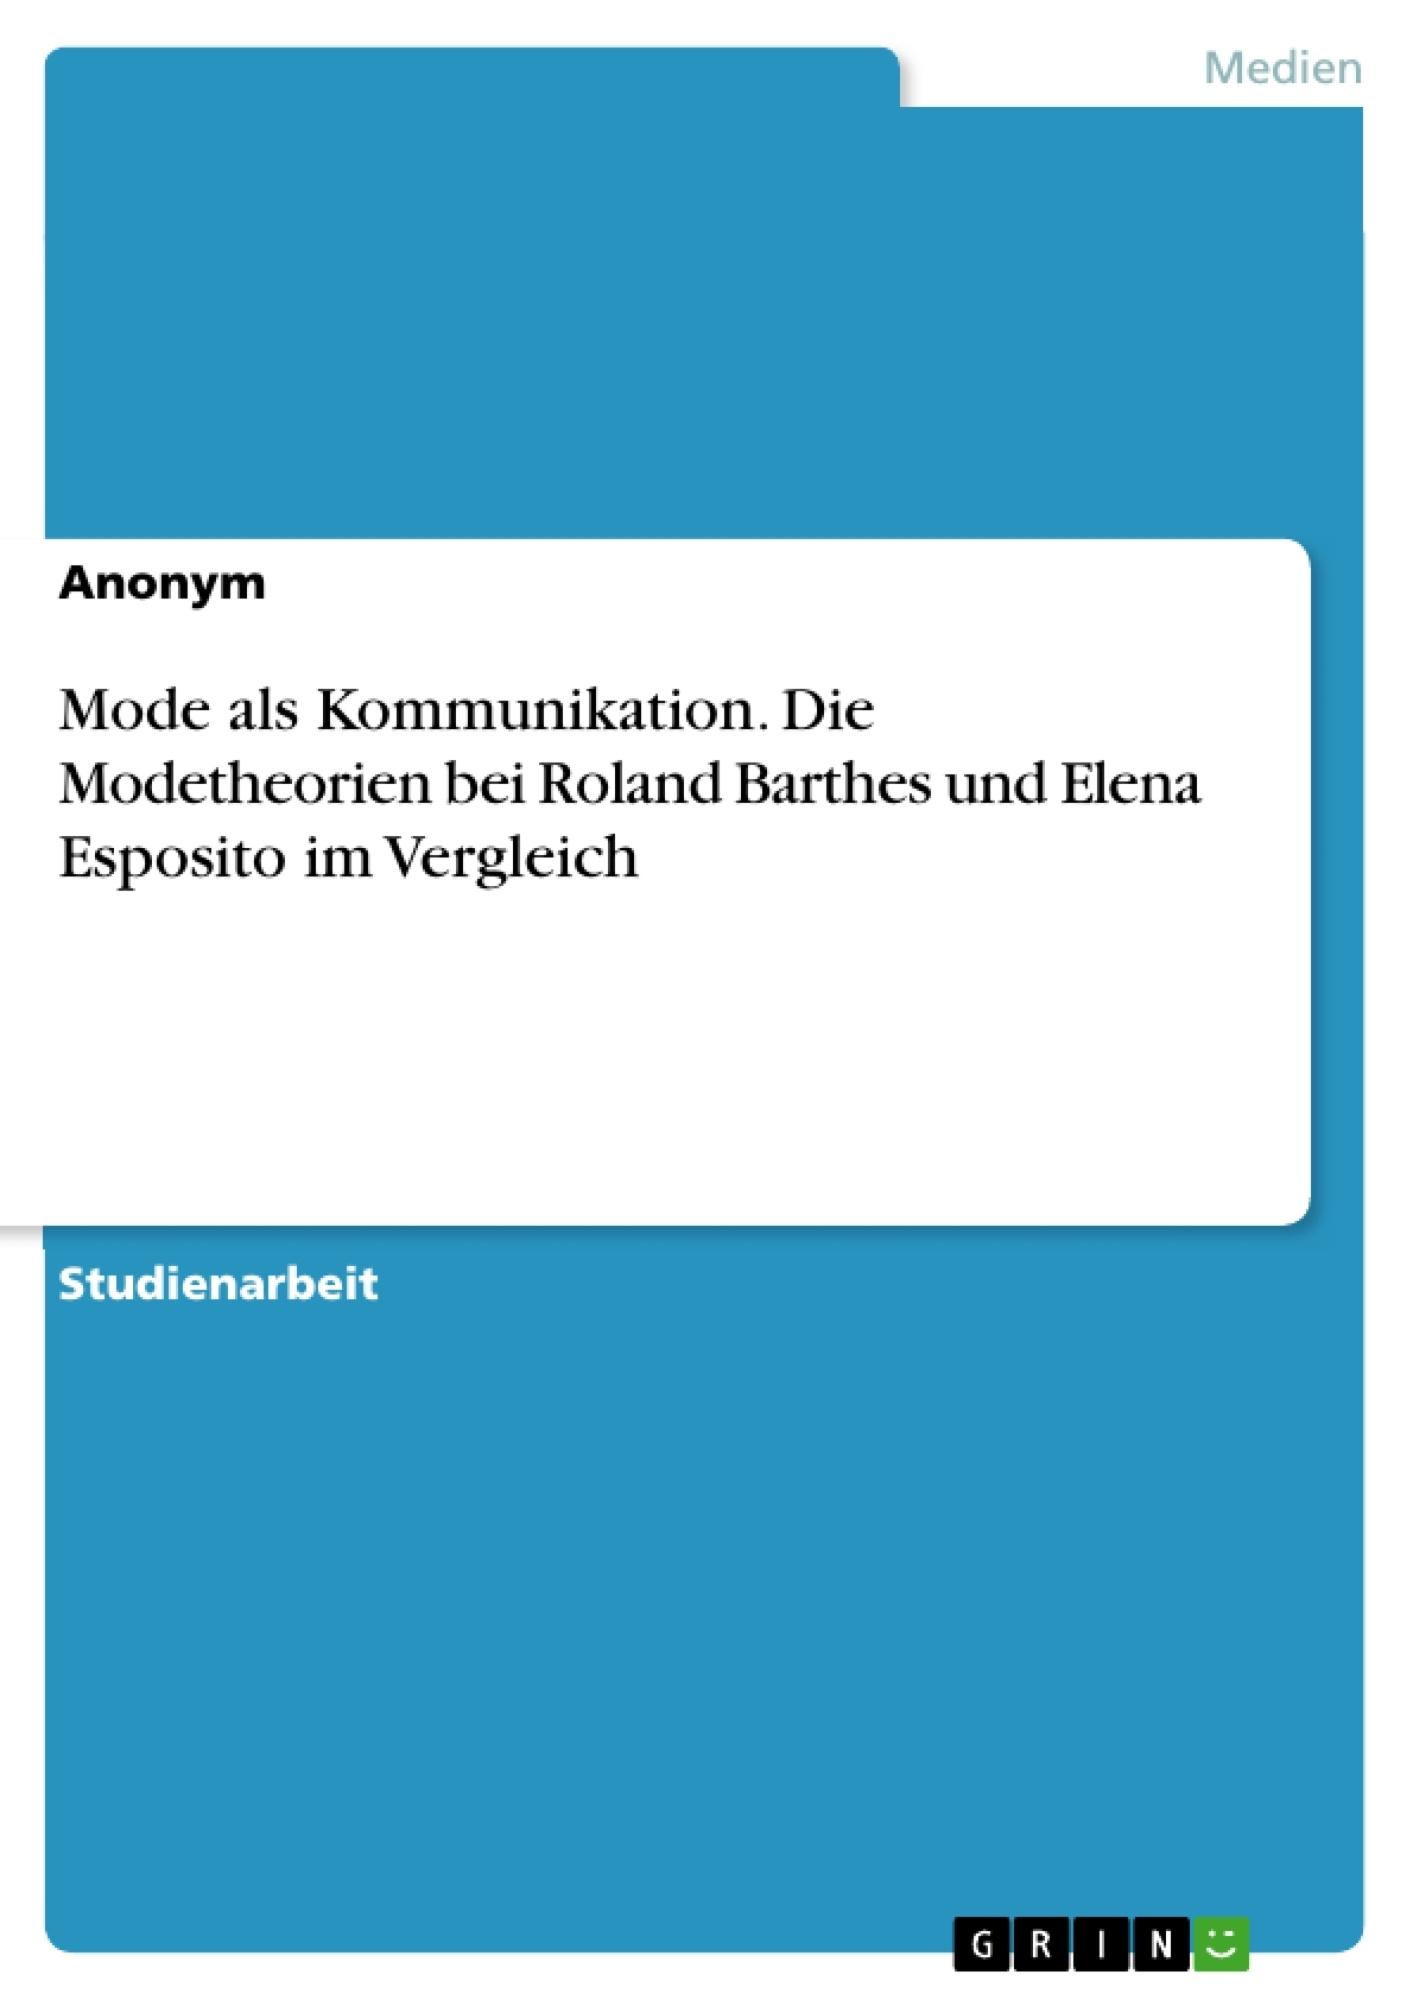 Titel: Mode als Kommunikation. Die Modetheorien bei Roland Barthes und Elena Esposito im Vergleich